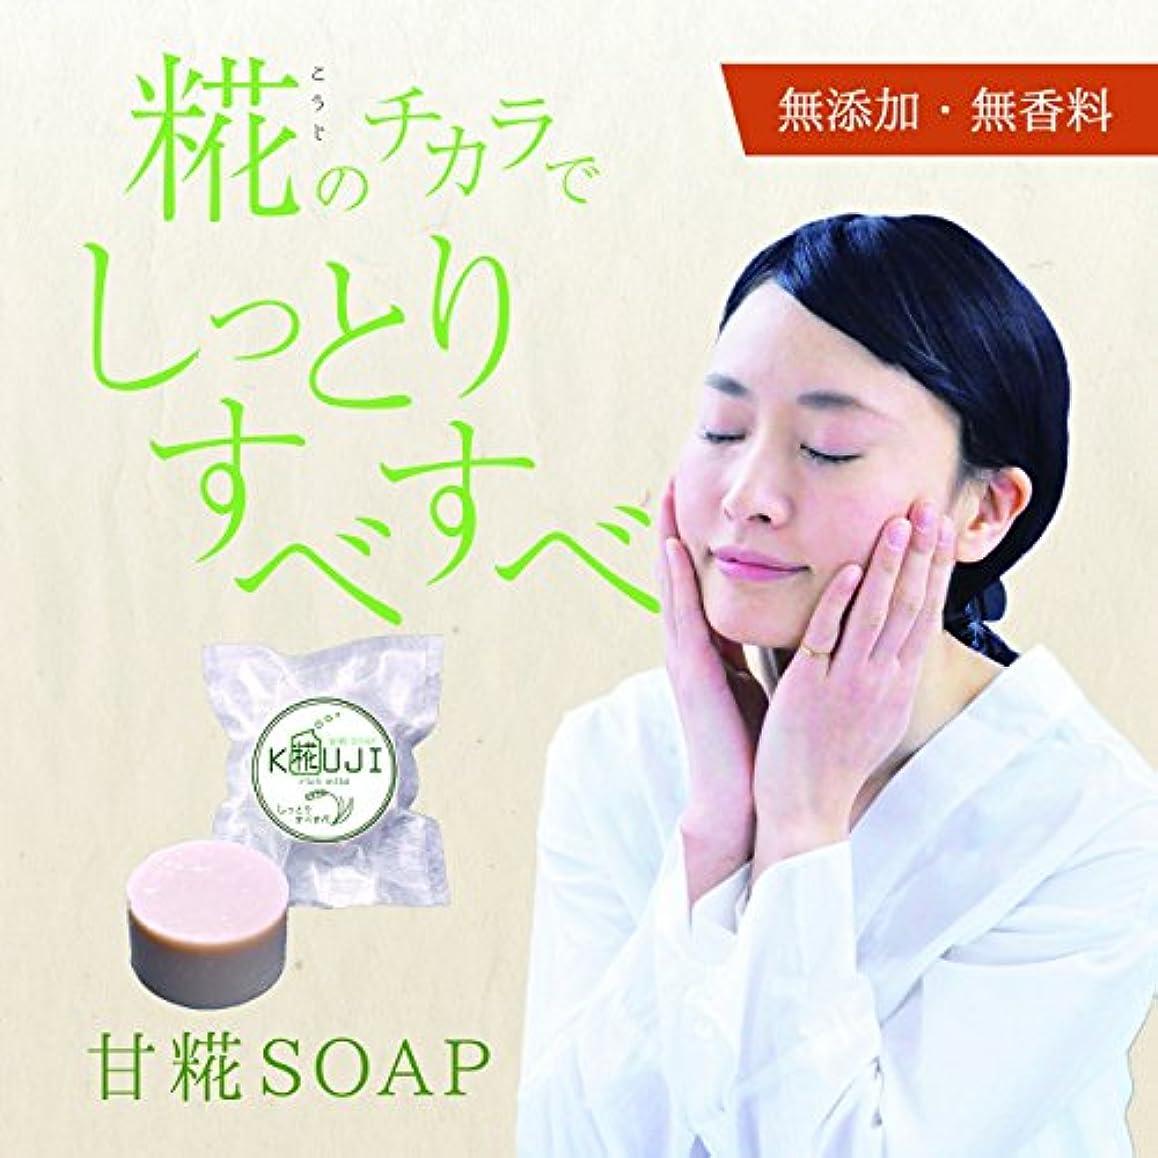 タイプライターほんの脇に甘糀SOAP(リッチマイルド)